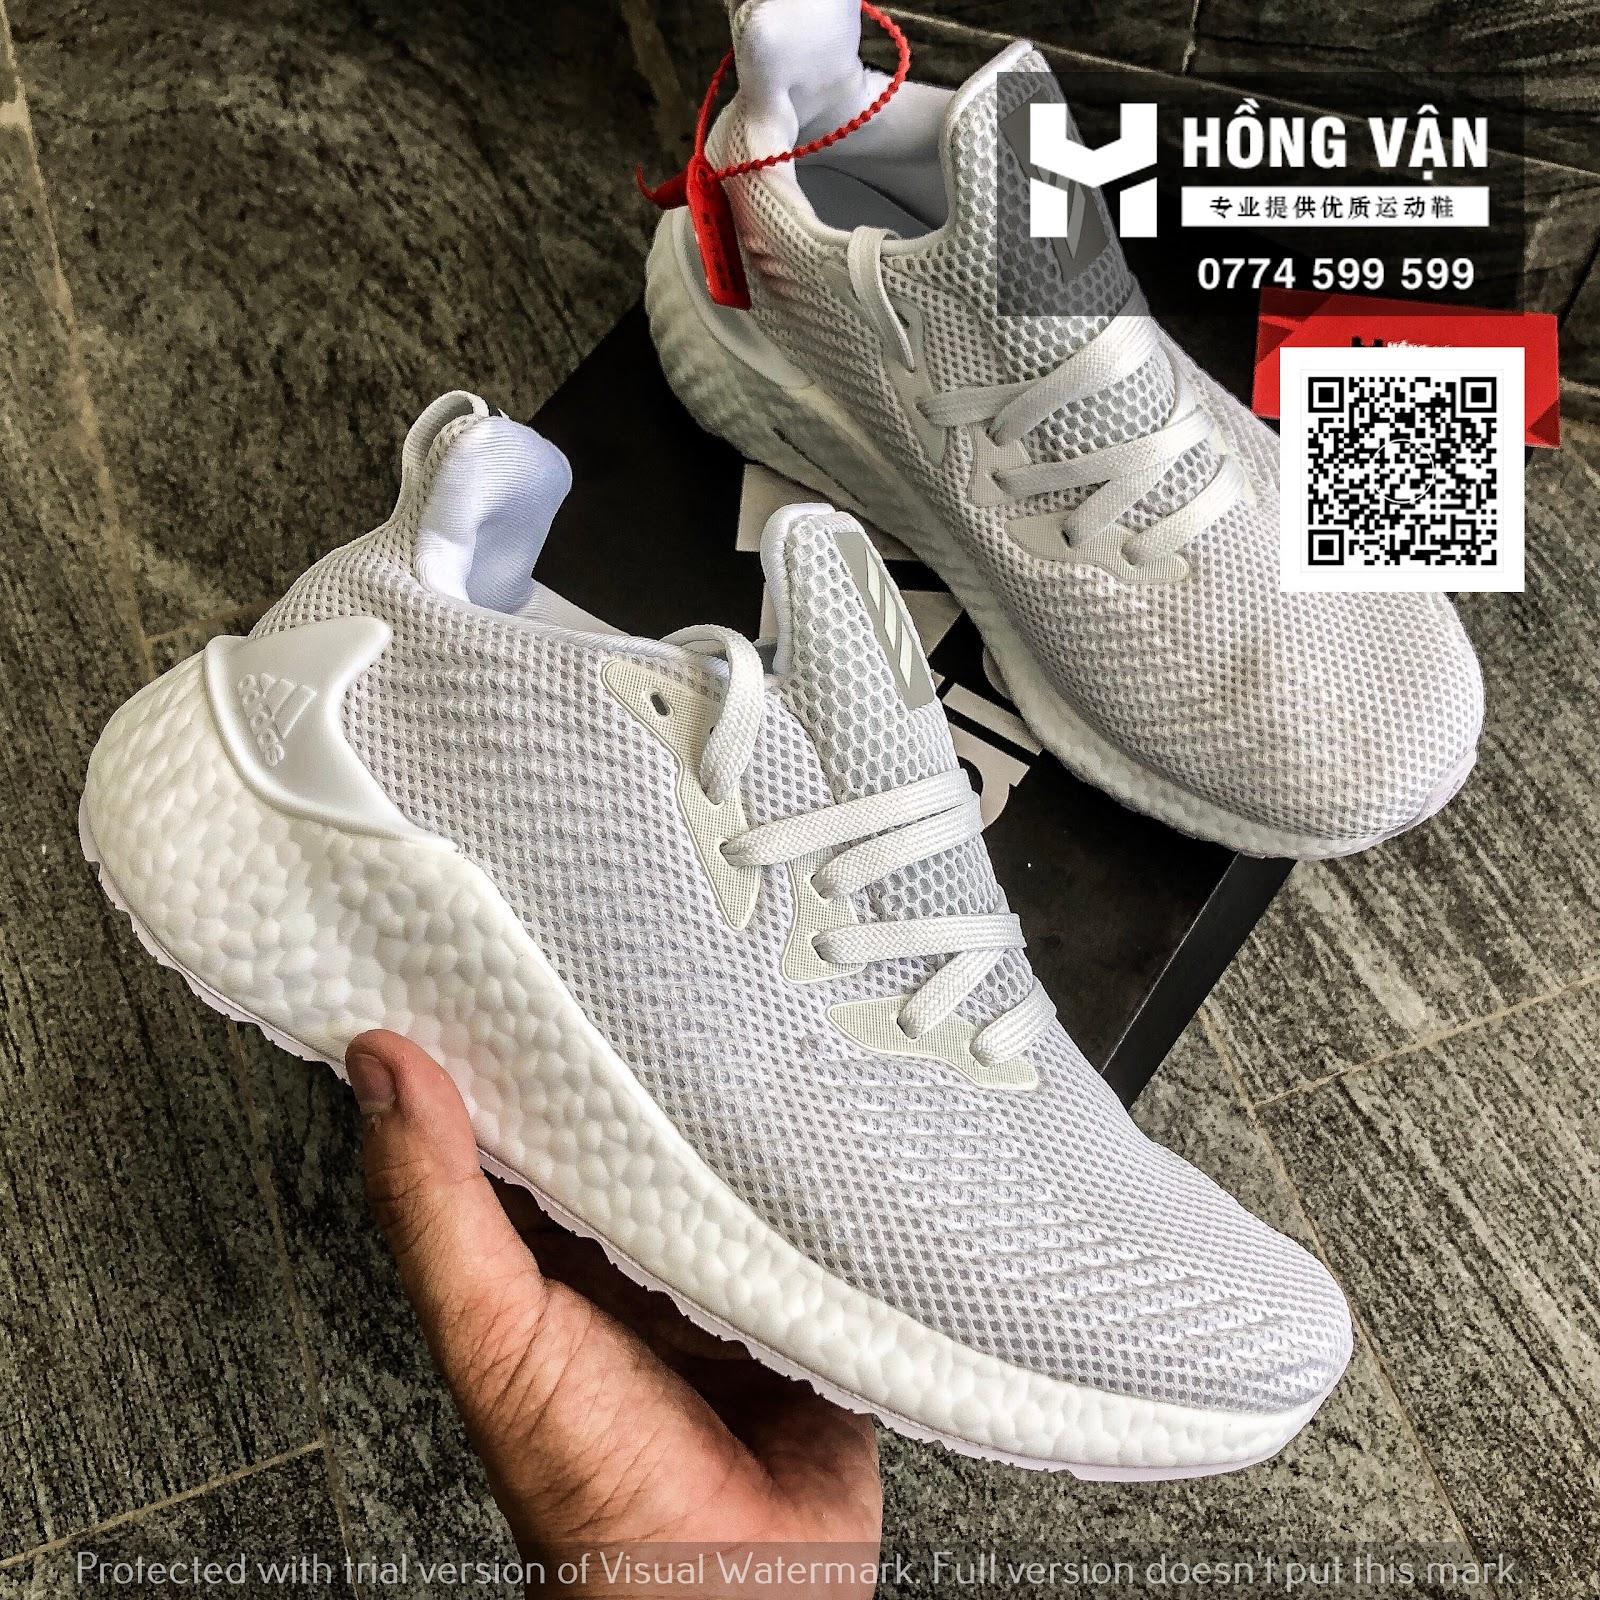 Hồng Vận - Nhà buôn sỉ giày thể thao và kèm theo những phụ kiện thể th - 3